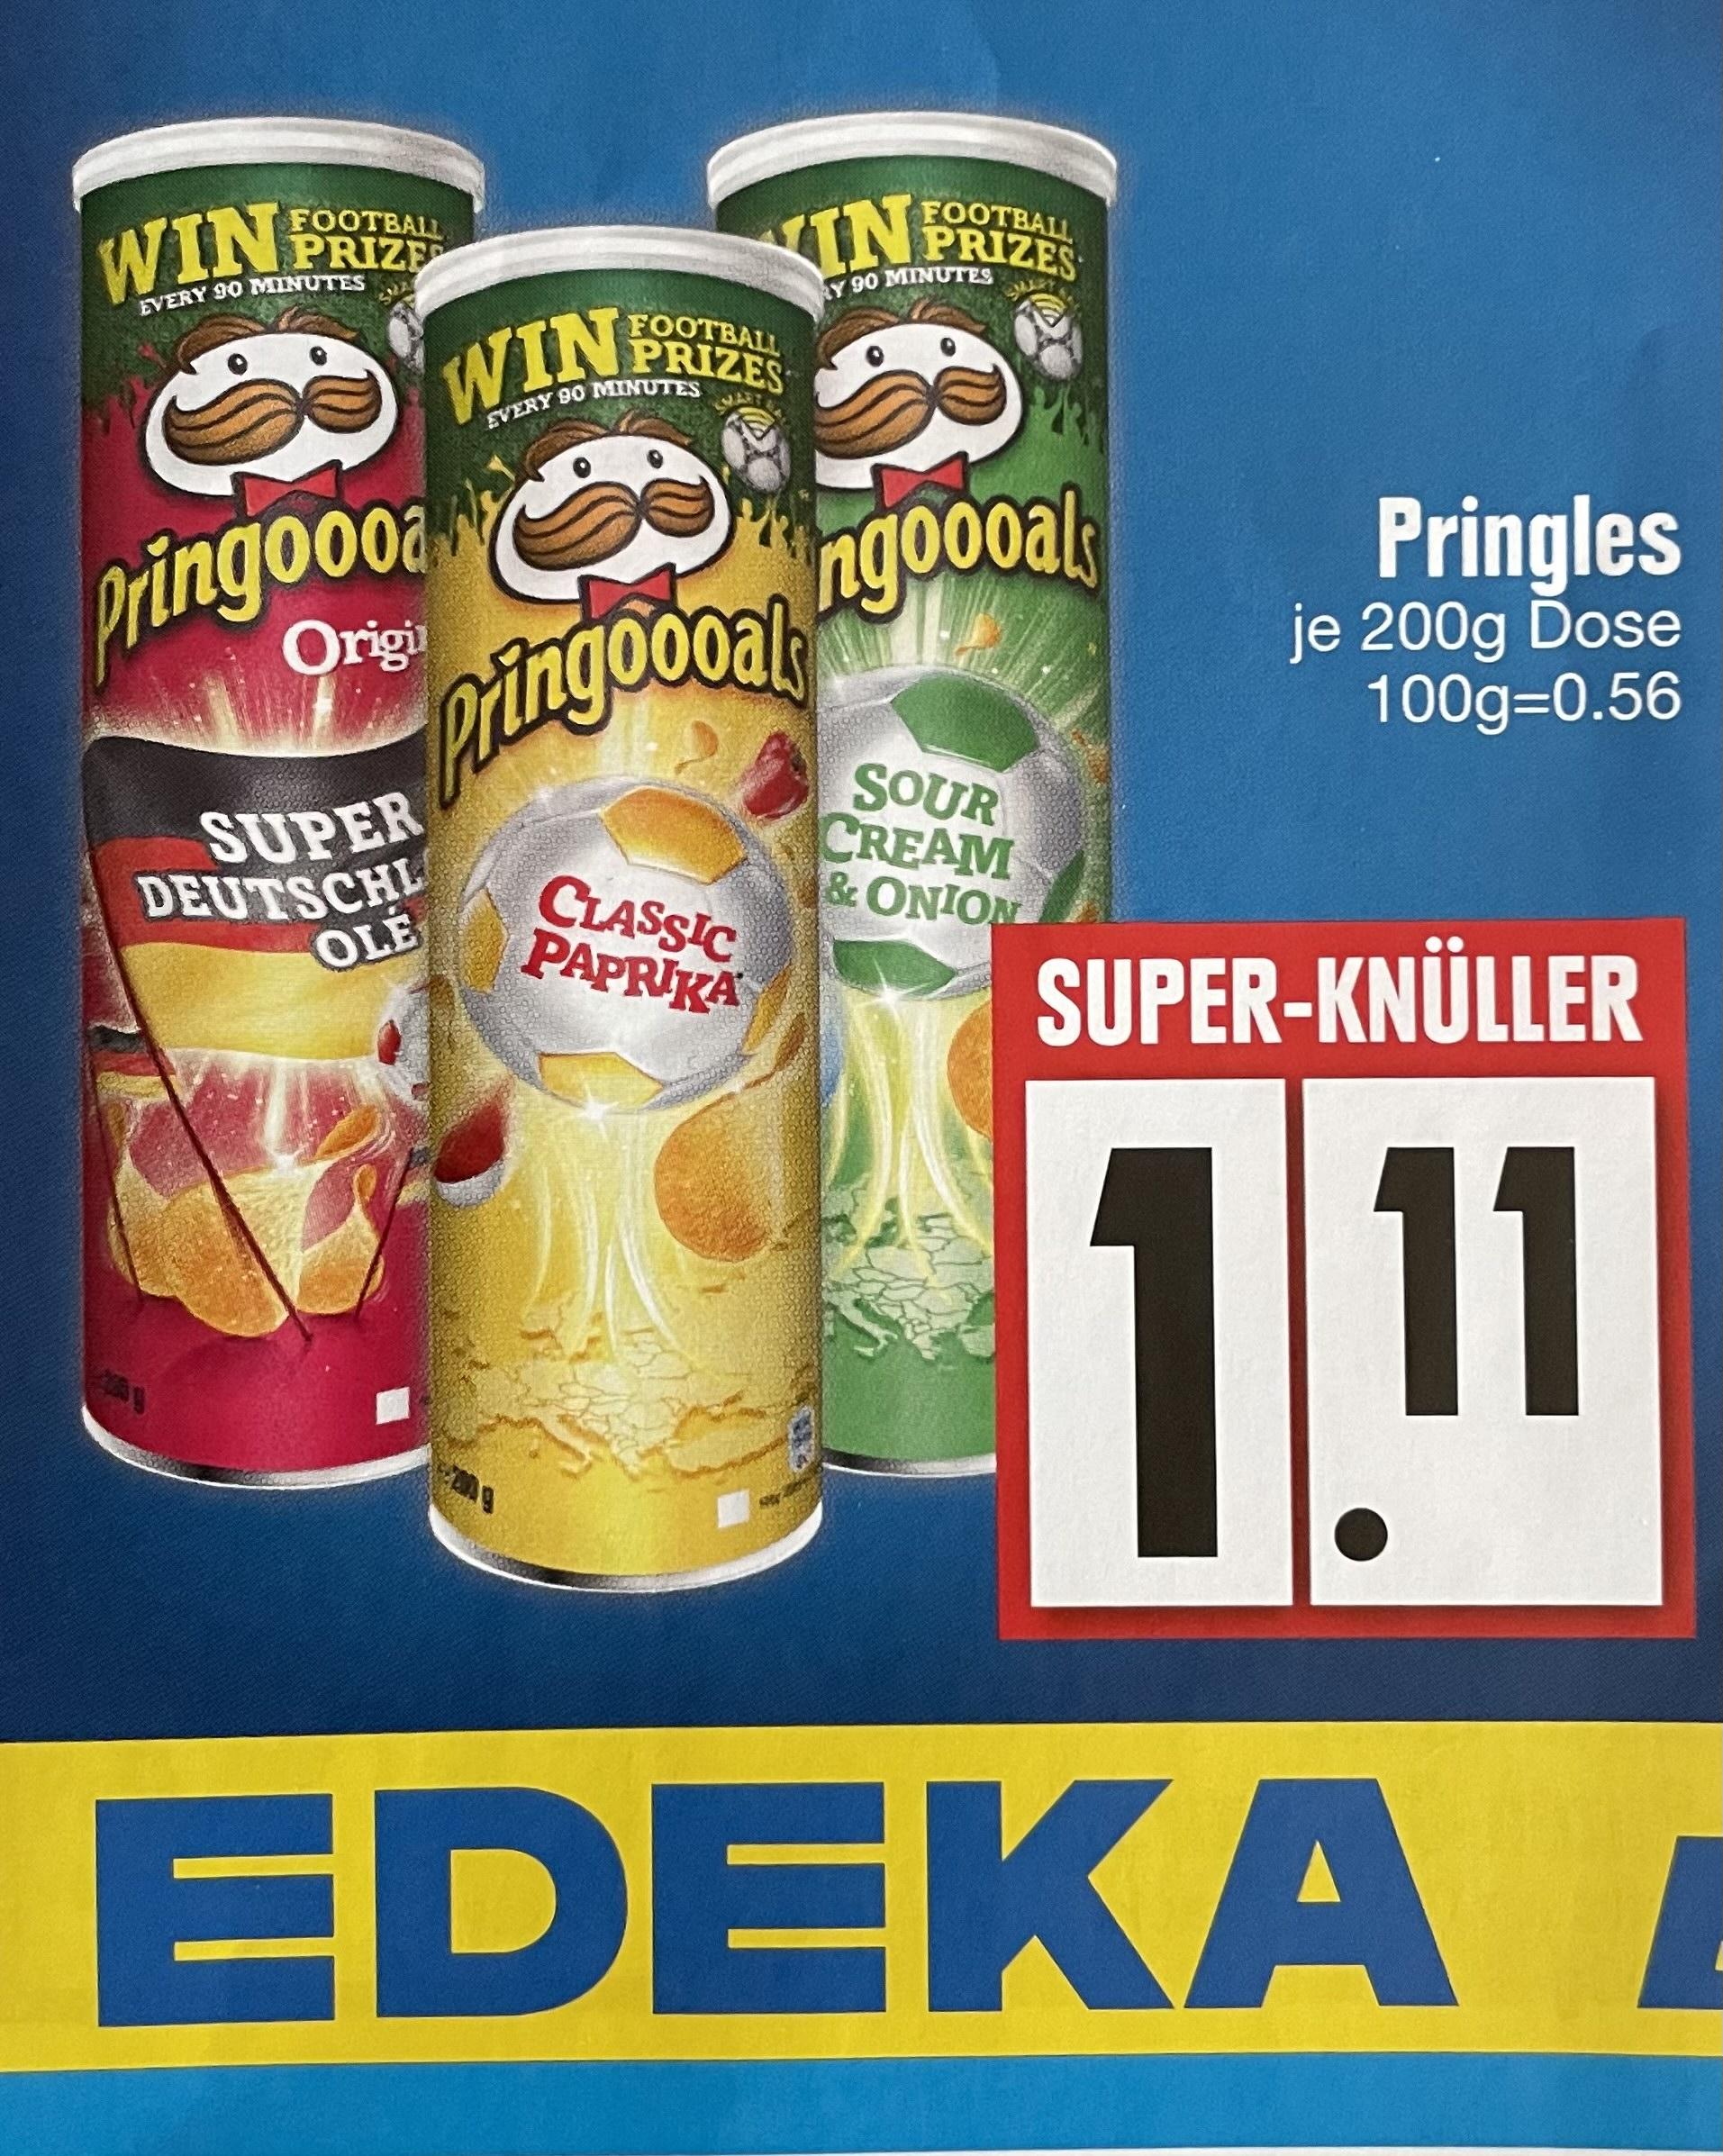 EDEKA - Pringles verschiedene Sorten für 1,11€ (Lokal / 84109 Wörth)